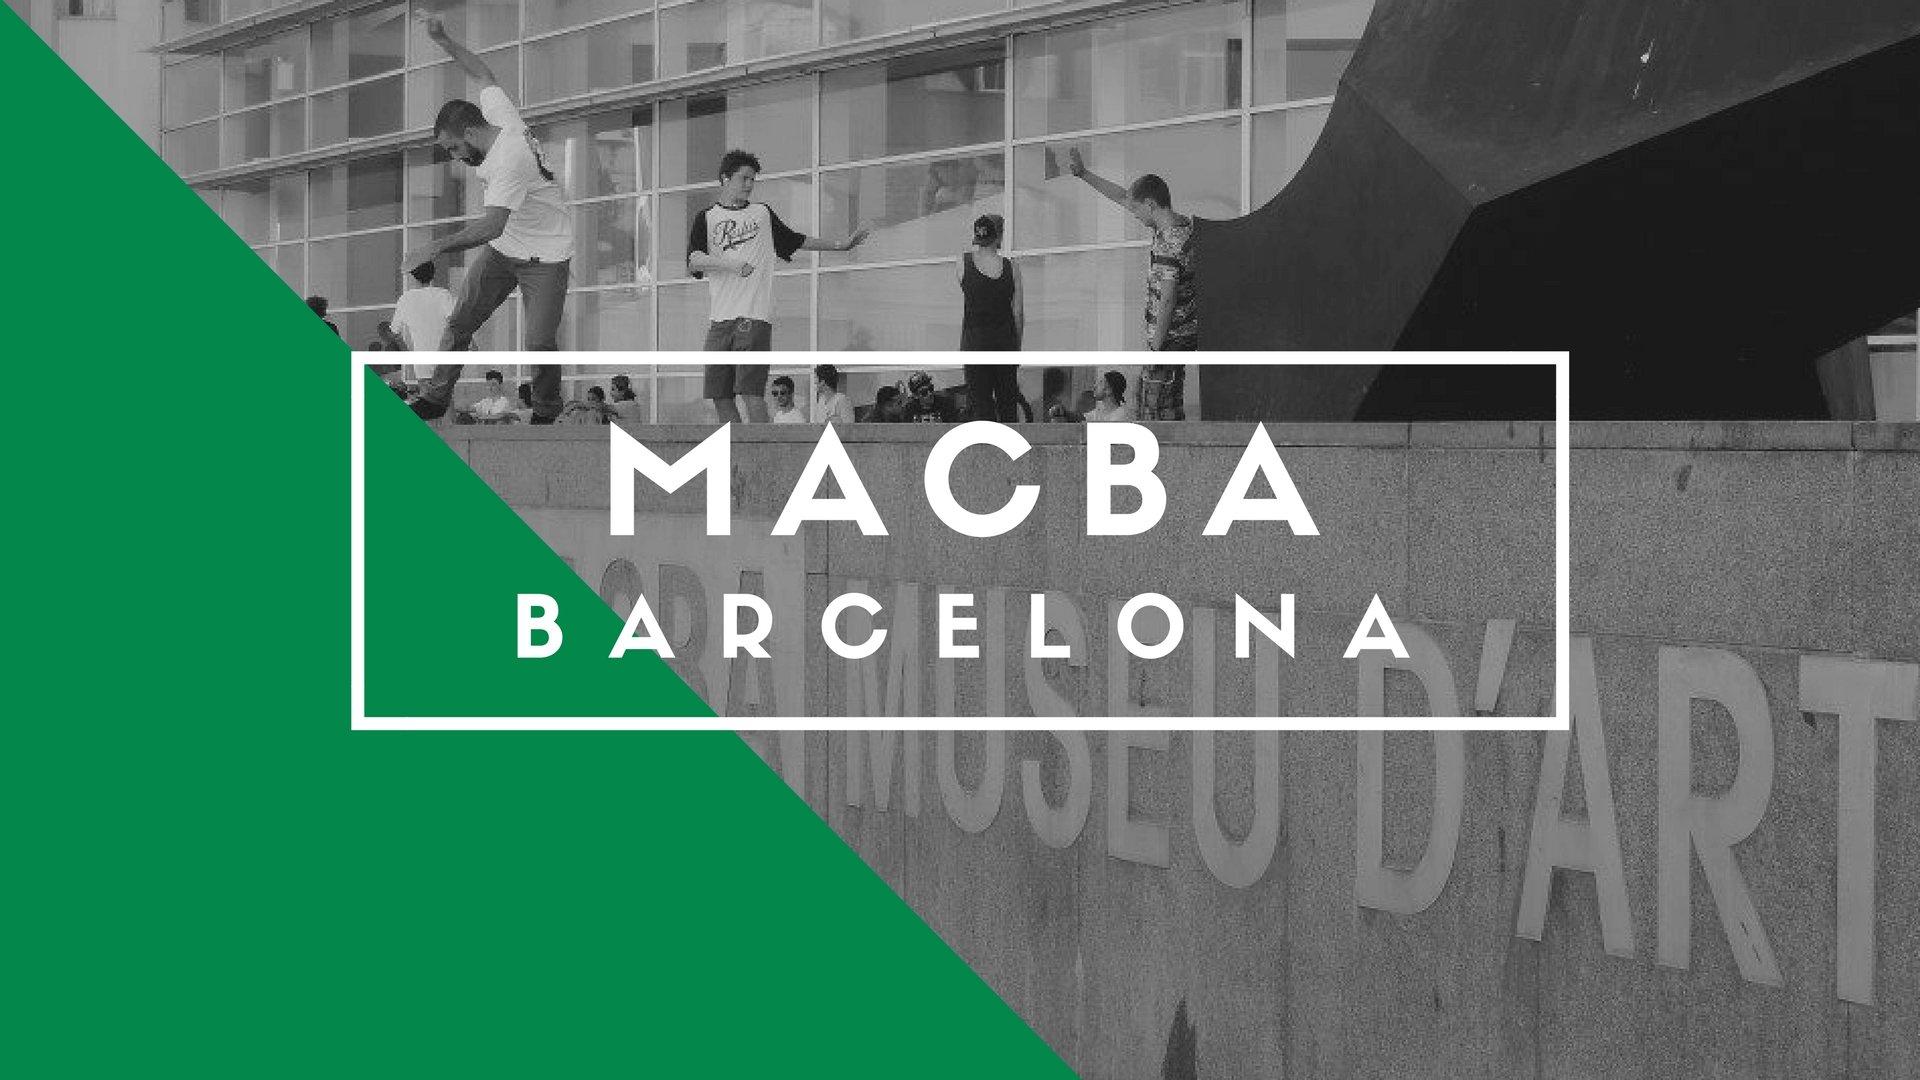 MACBA Skate Spot, Barcelona